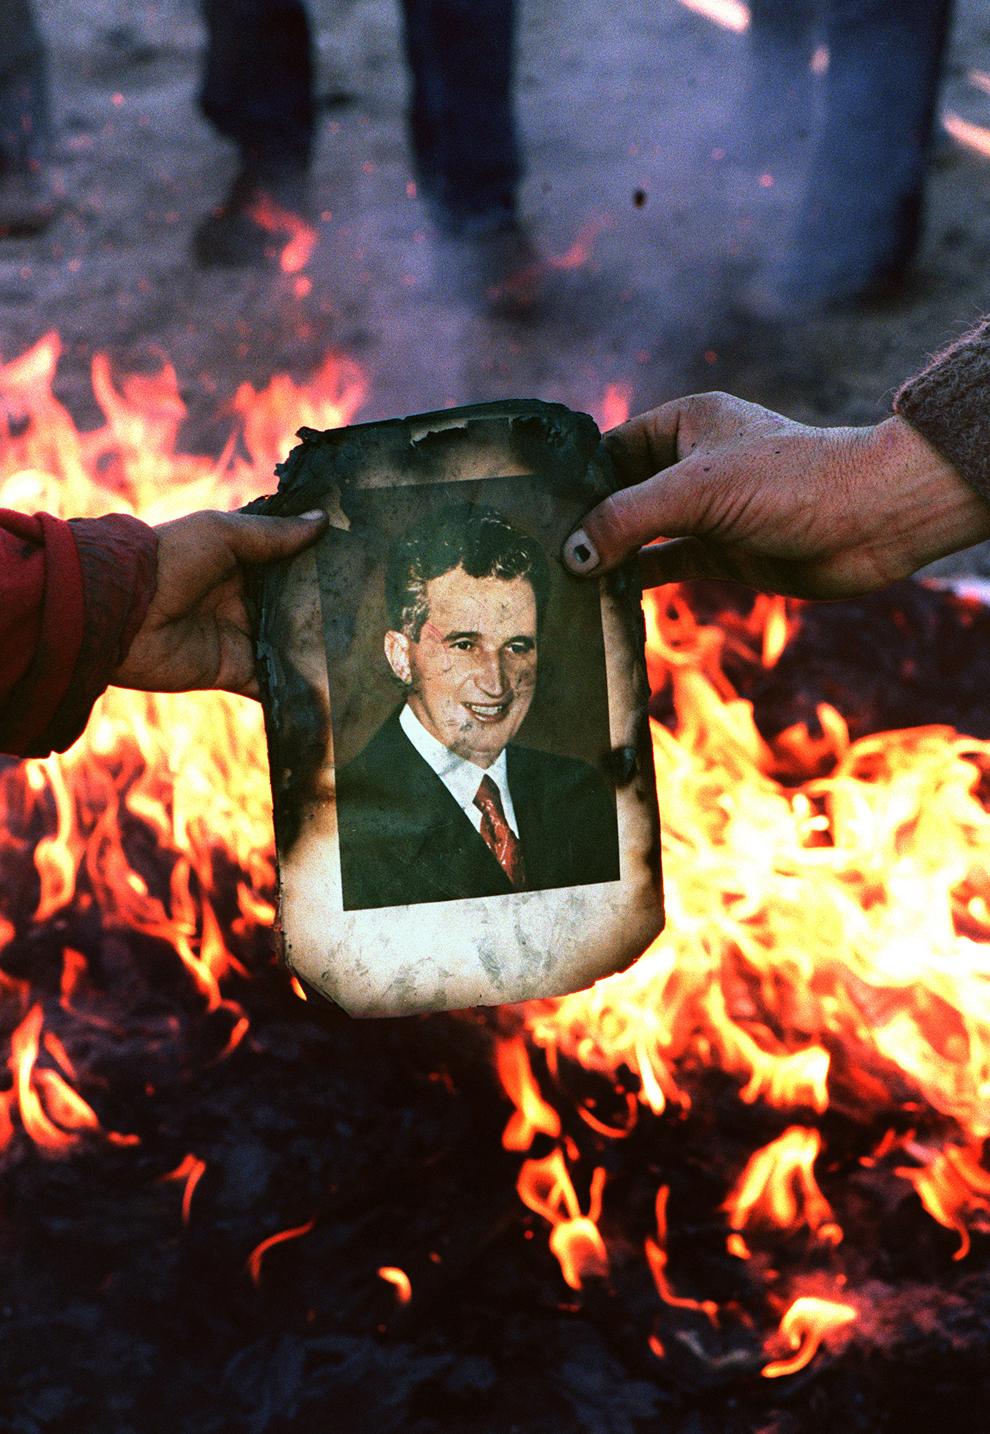 O hârtie cu chipul lui Nicolae Ceauşescu este arsă, în Denta, Timiş, vineri, 22 decembrie 1989.